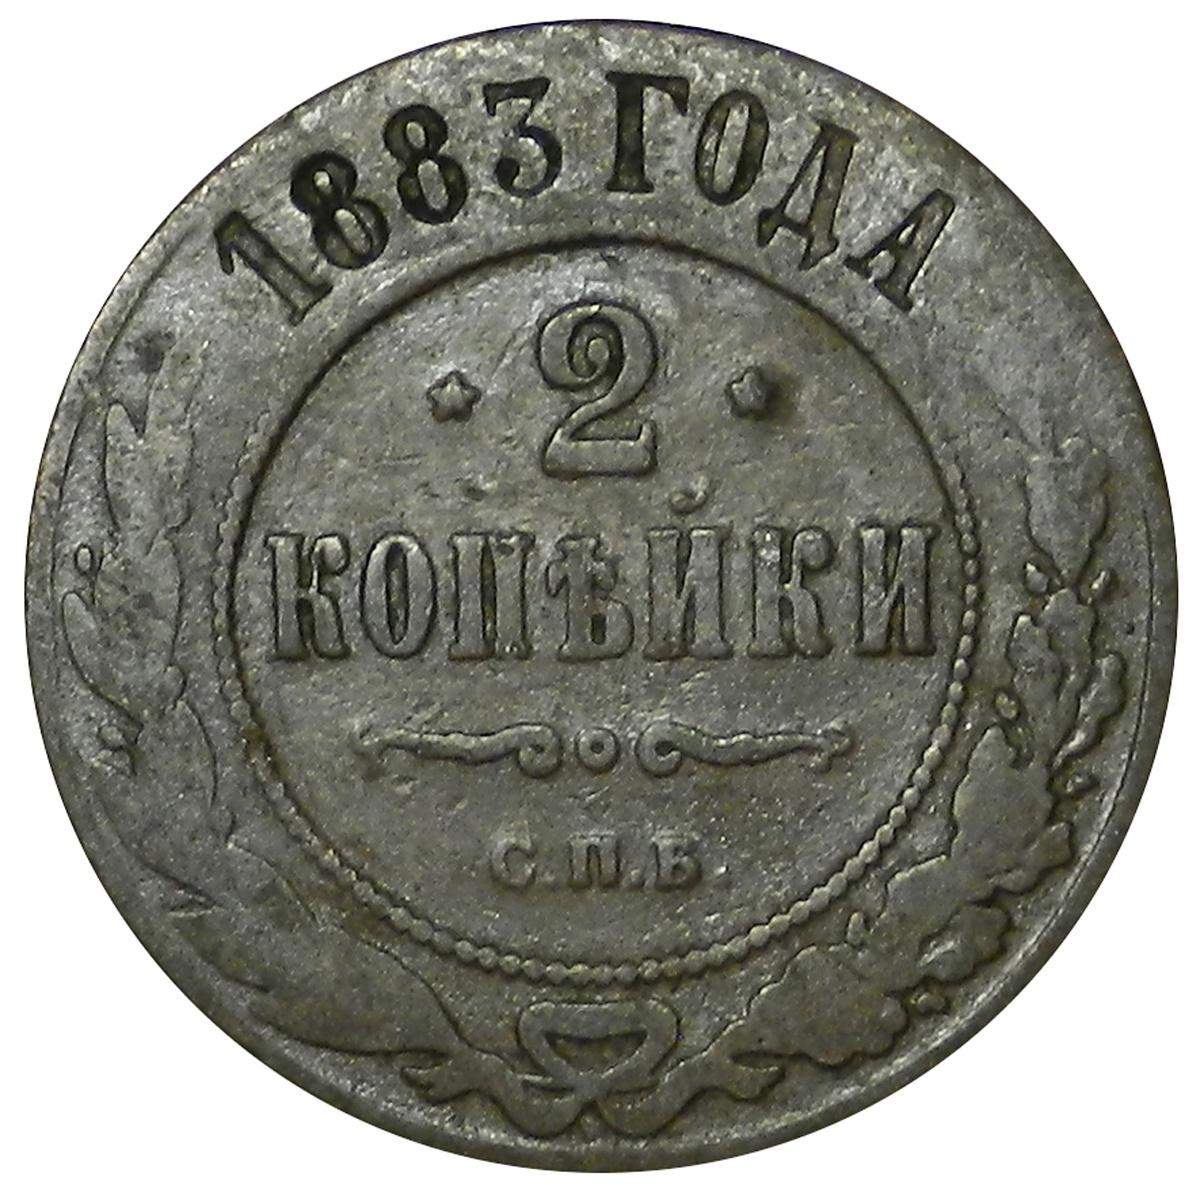 Монета 2 копейки. Медь. Российская Империя, 1883 год (СПБ VF)